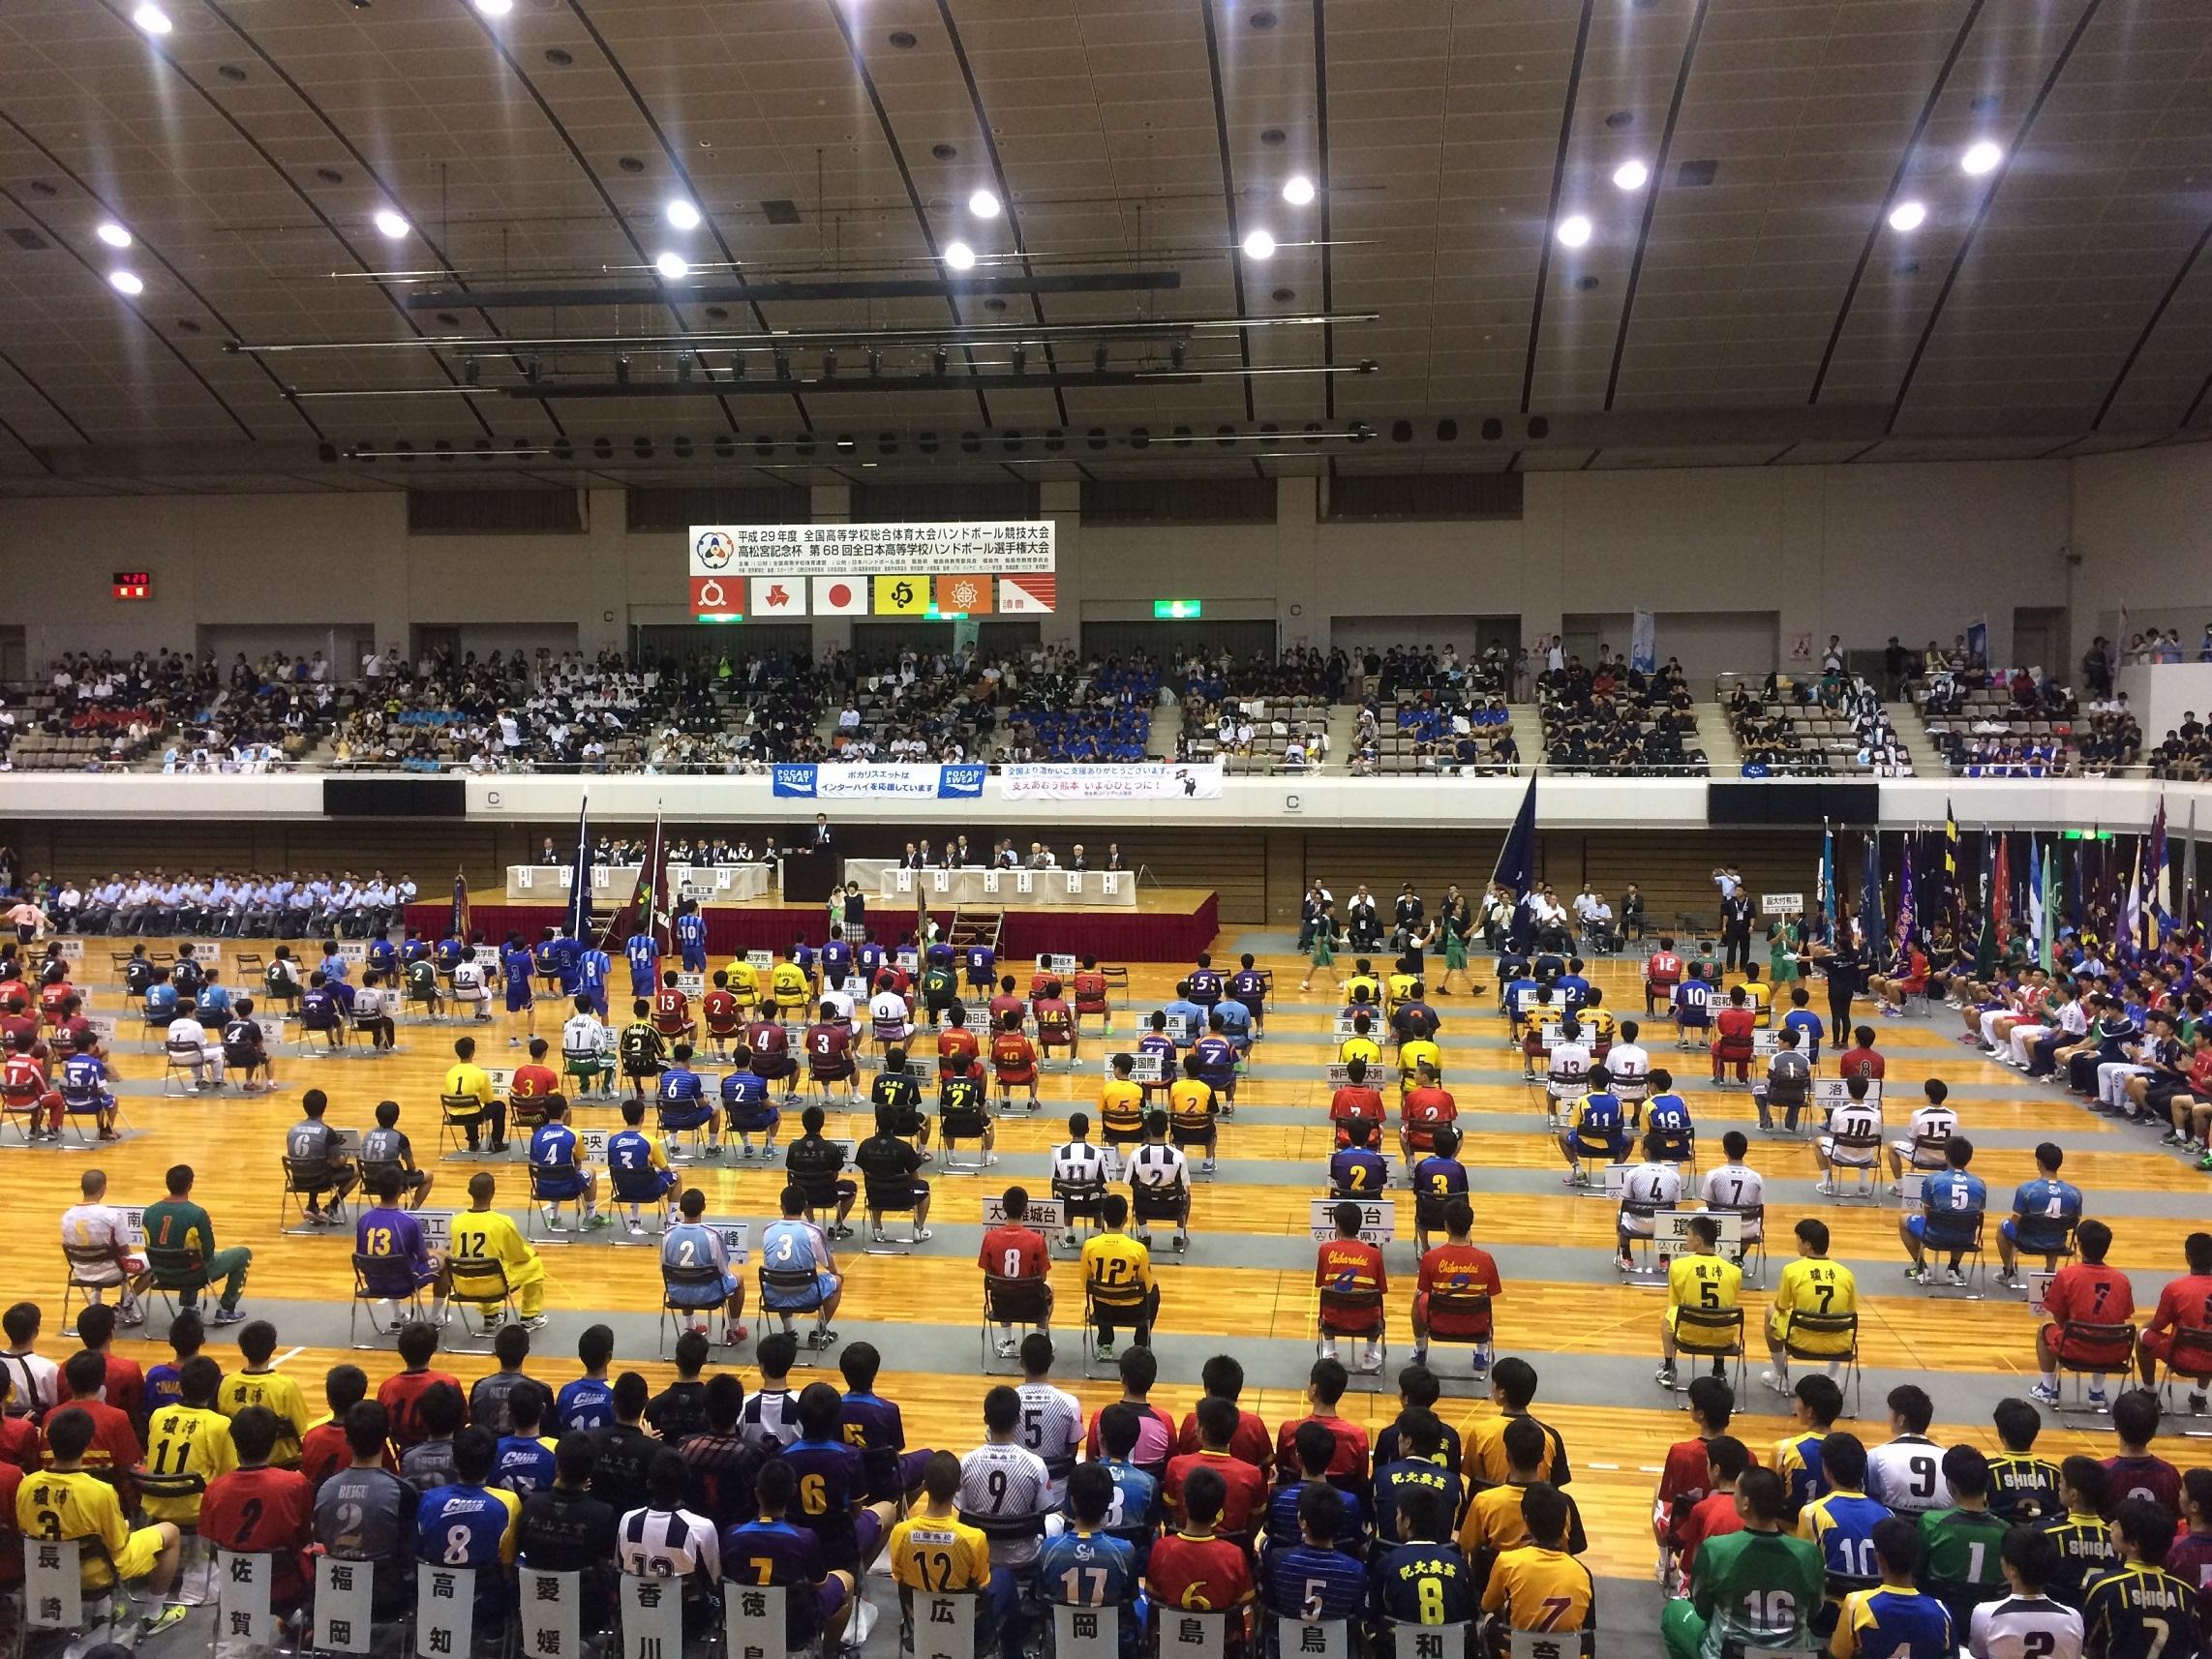 2017 handball opening